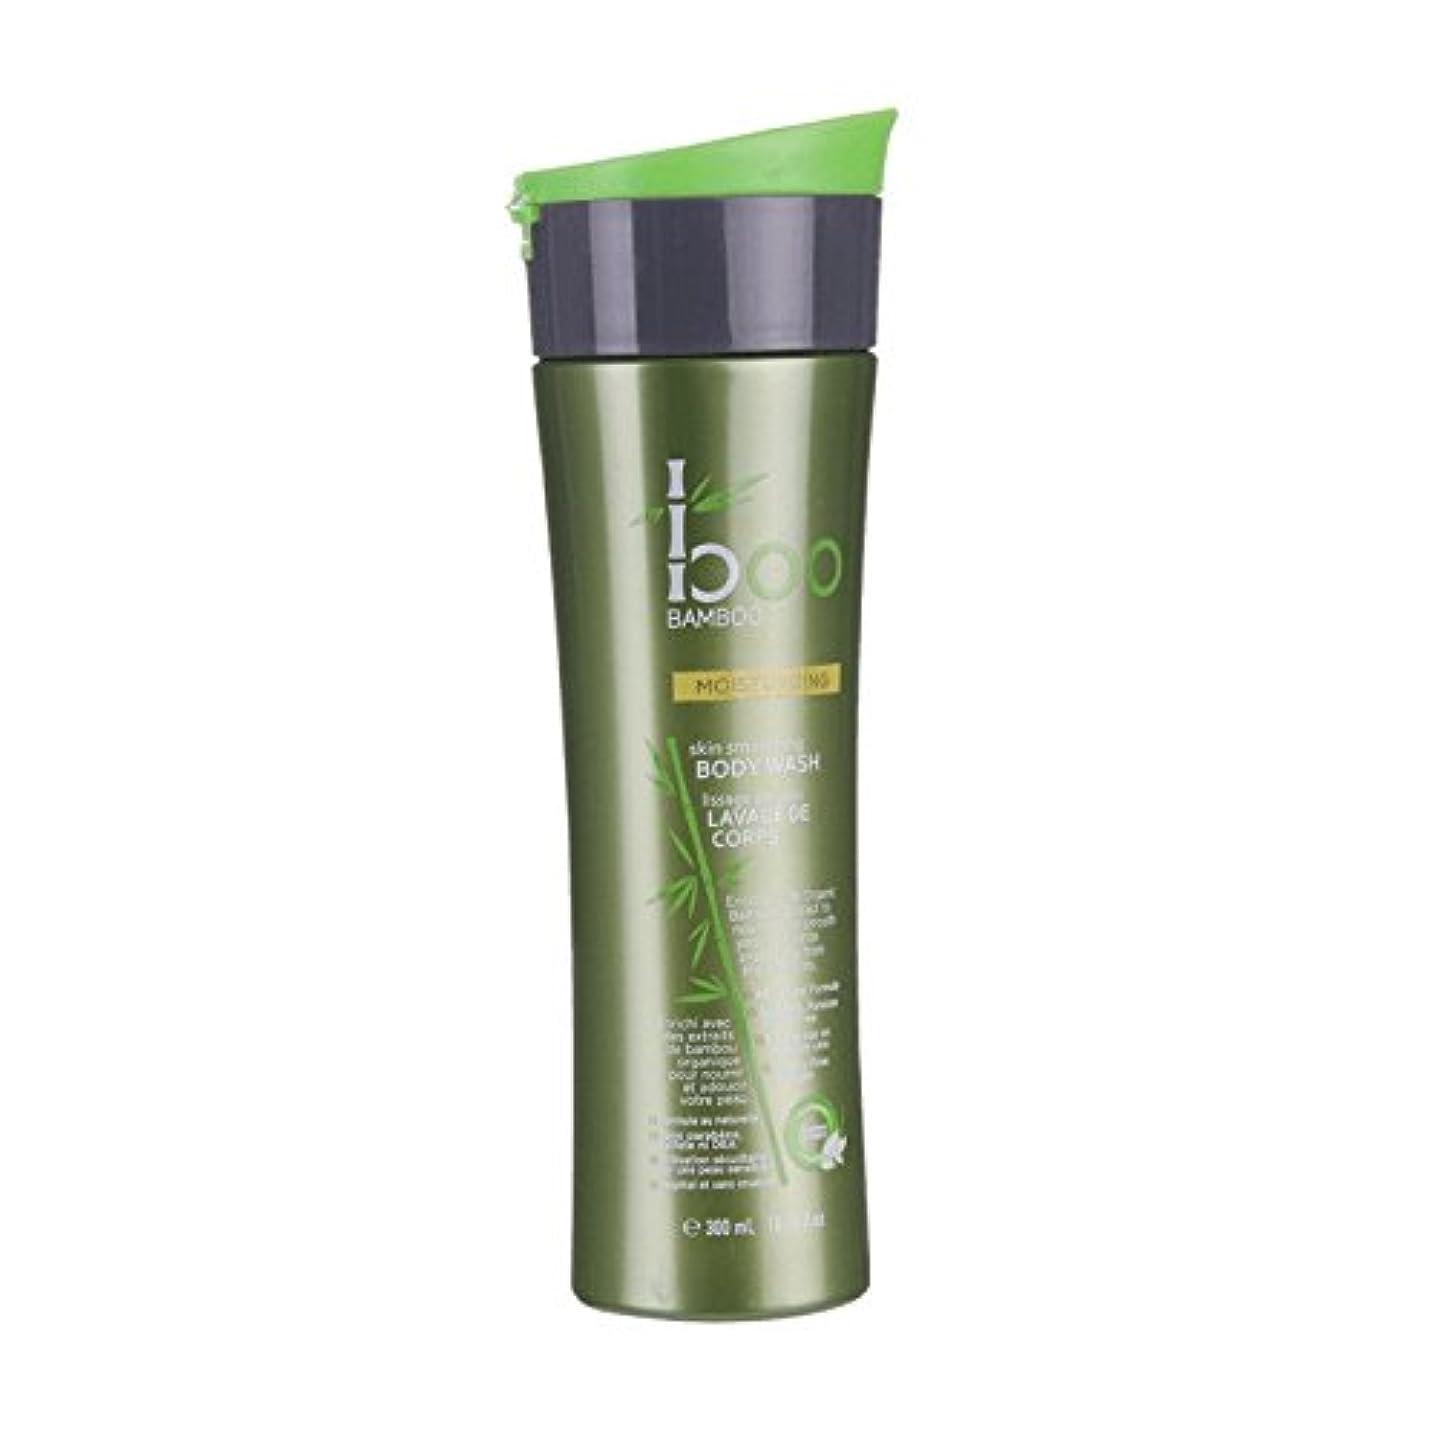 沈黙ペック航空Boo Bamboo Moist Body Wash 300ml (Pack of 2) - 竹しっとりボディウォッシュ300ミリリットルブーイング (x2) [並行輸入品]